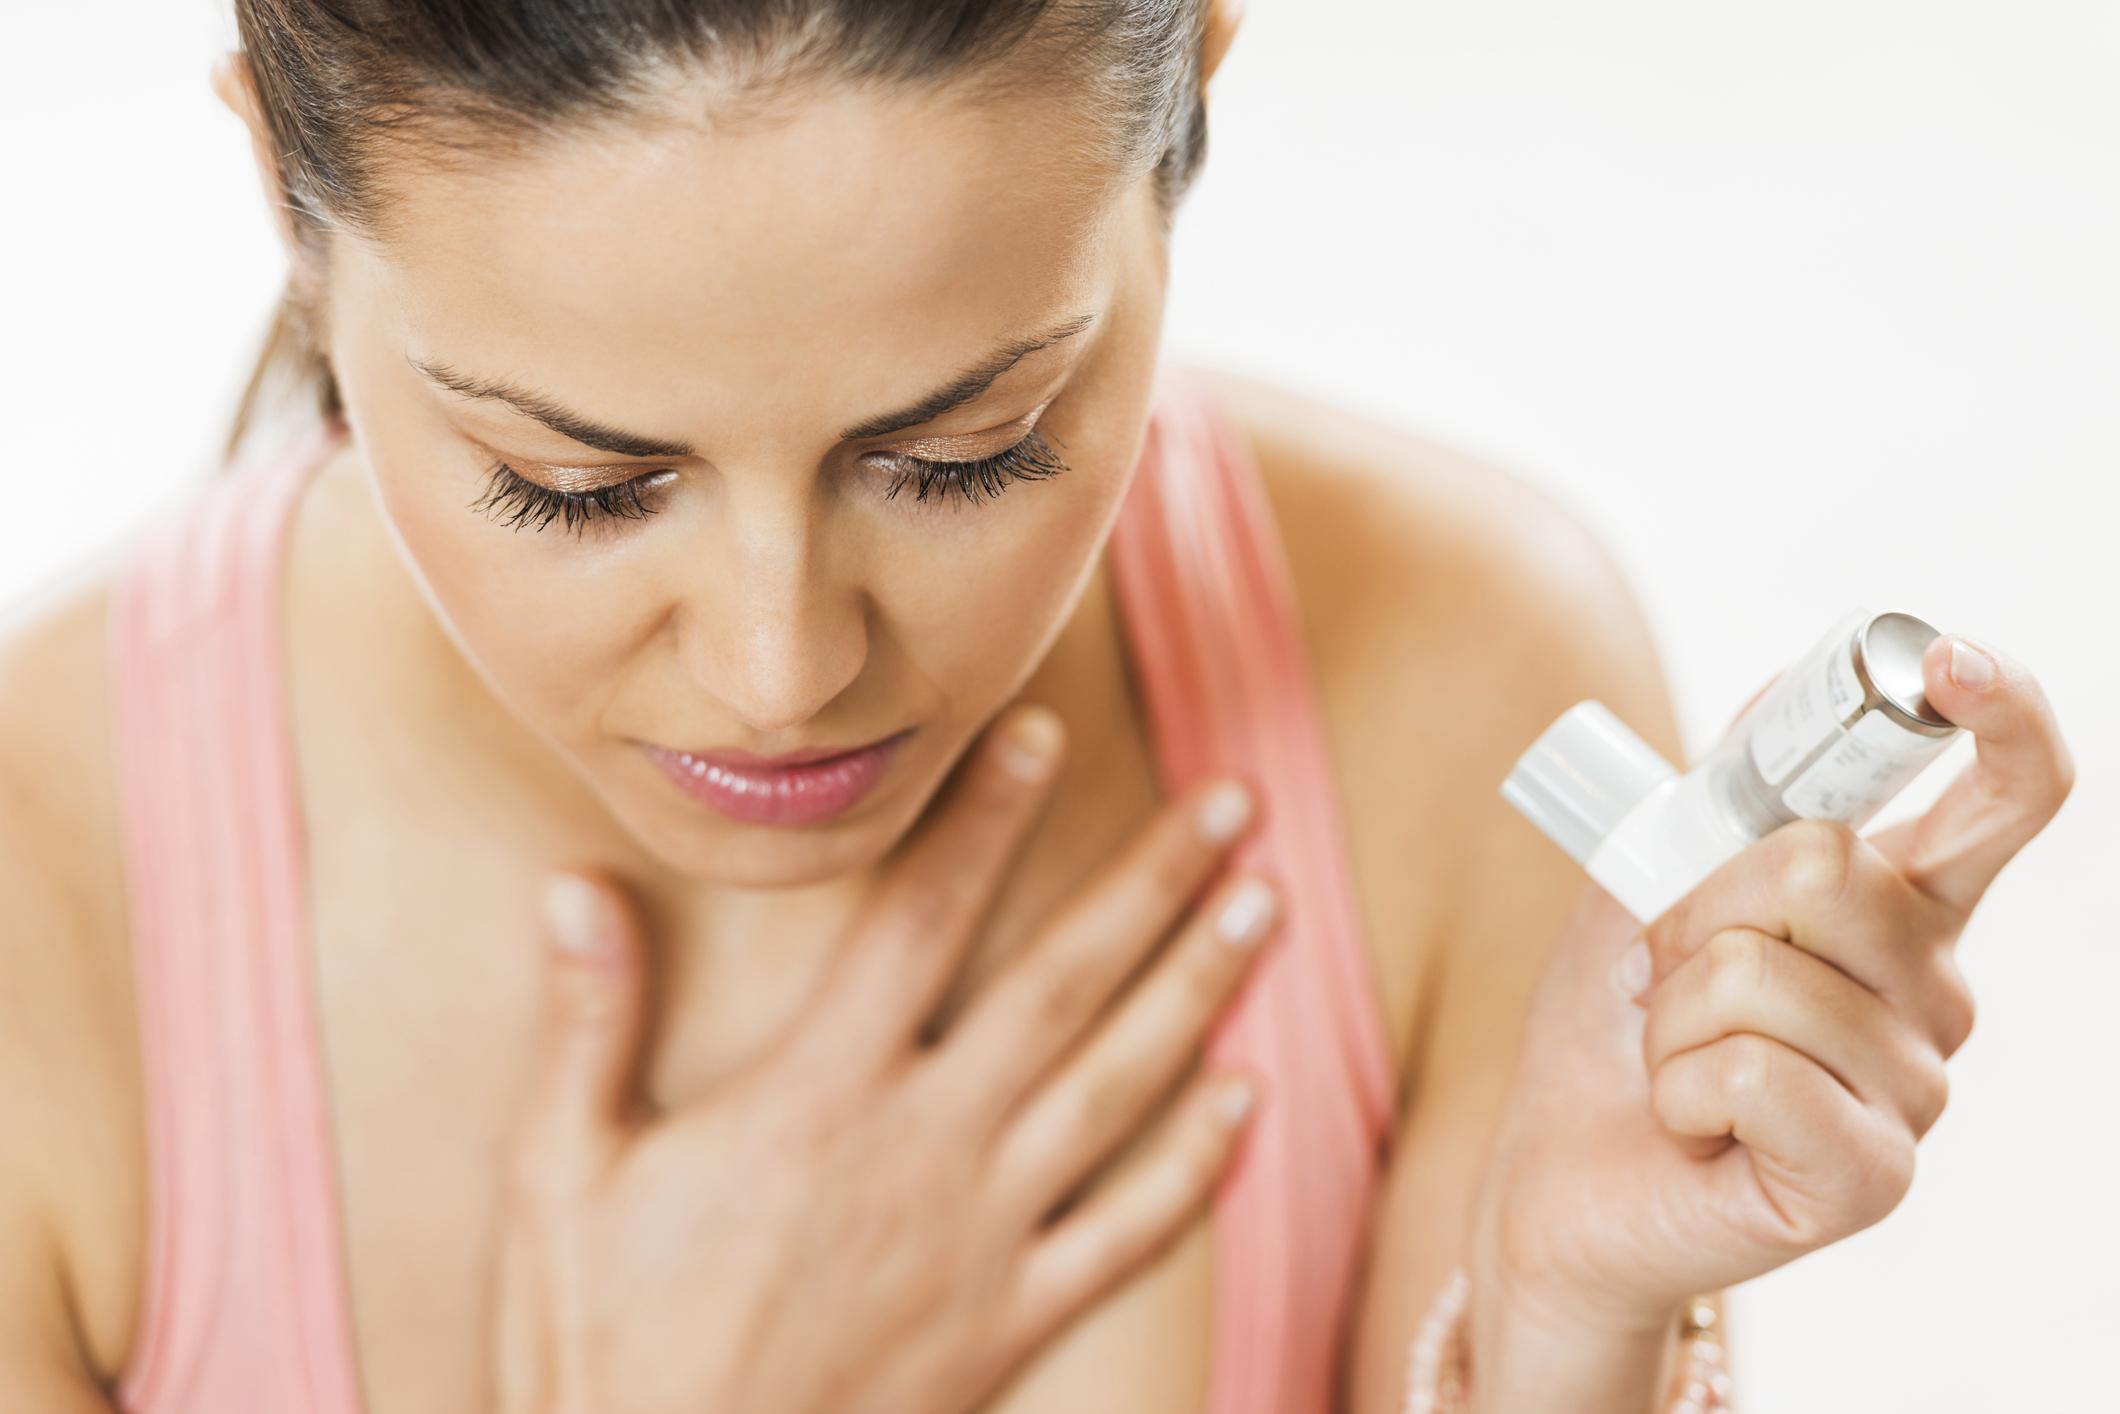 Le massage chez la personne asthmatique - Fédération québécoise ...